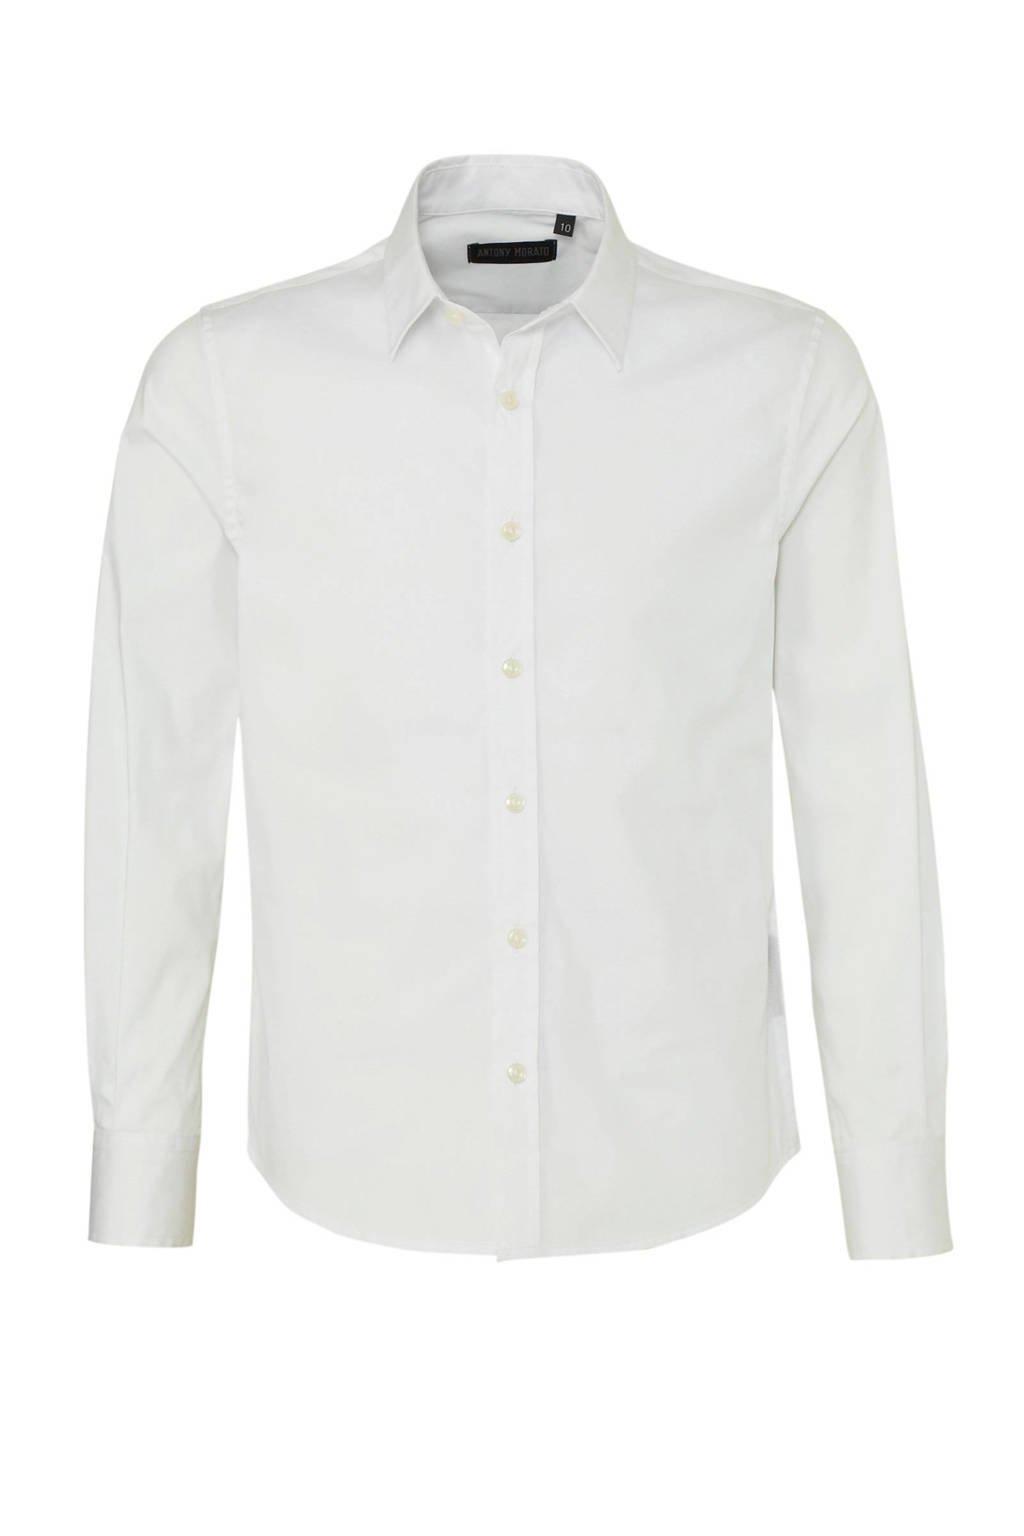 Antony Morato overhemd wit, Wit